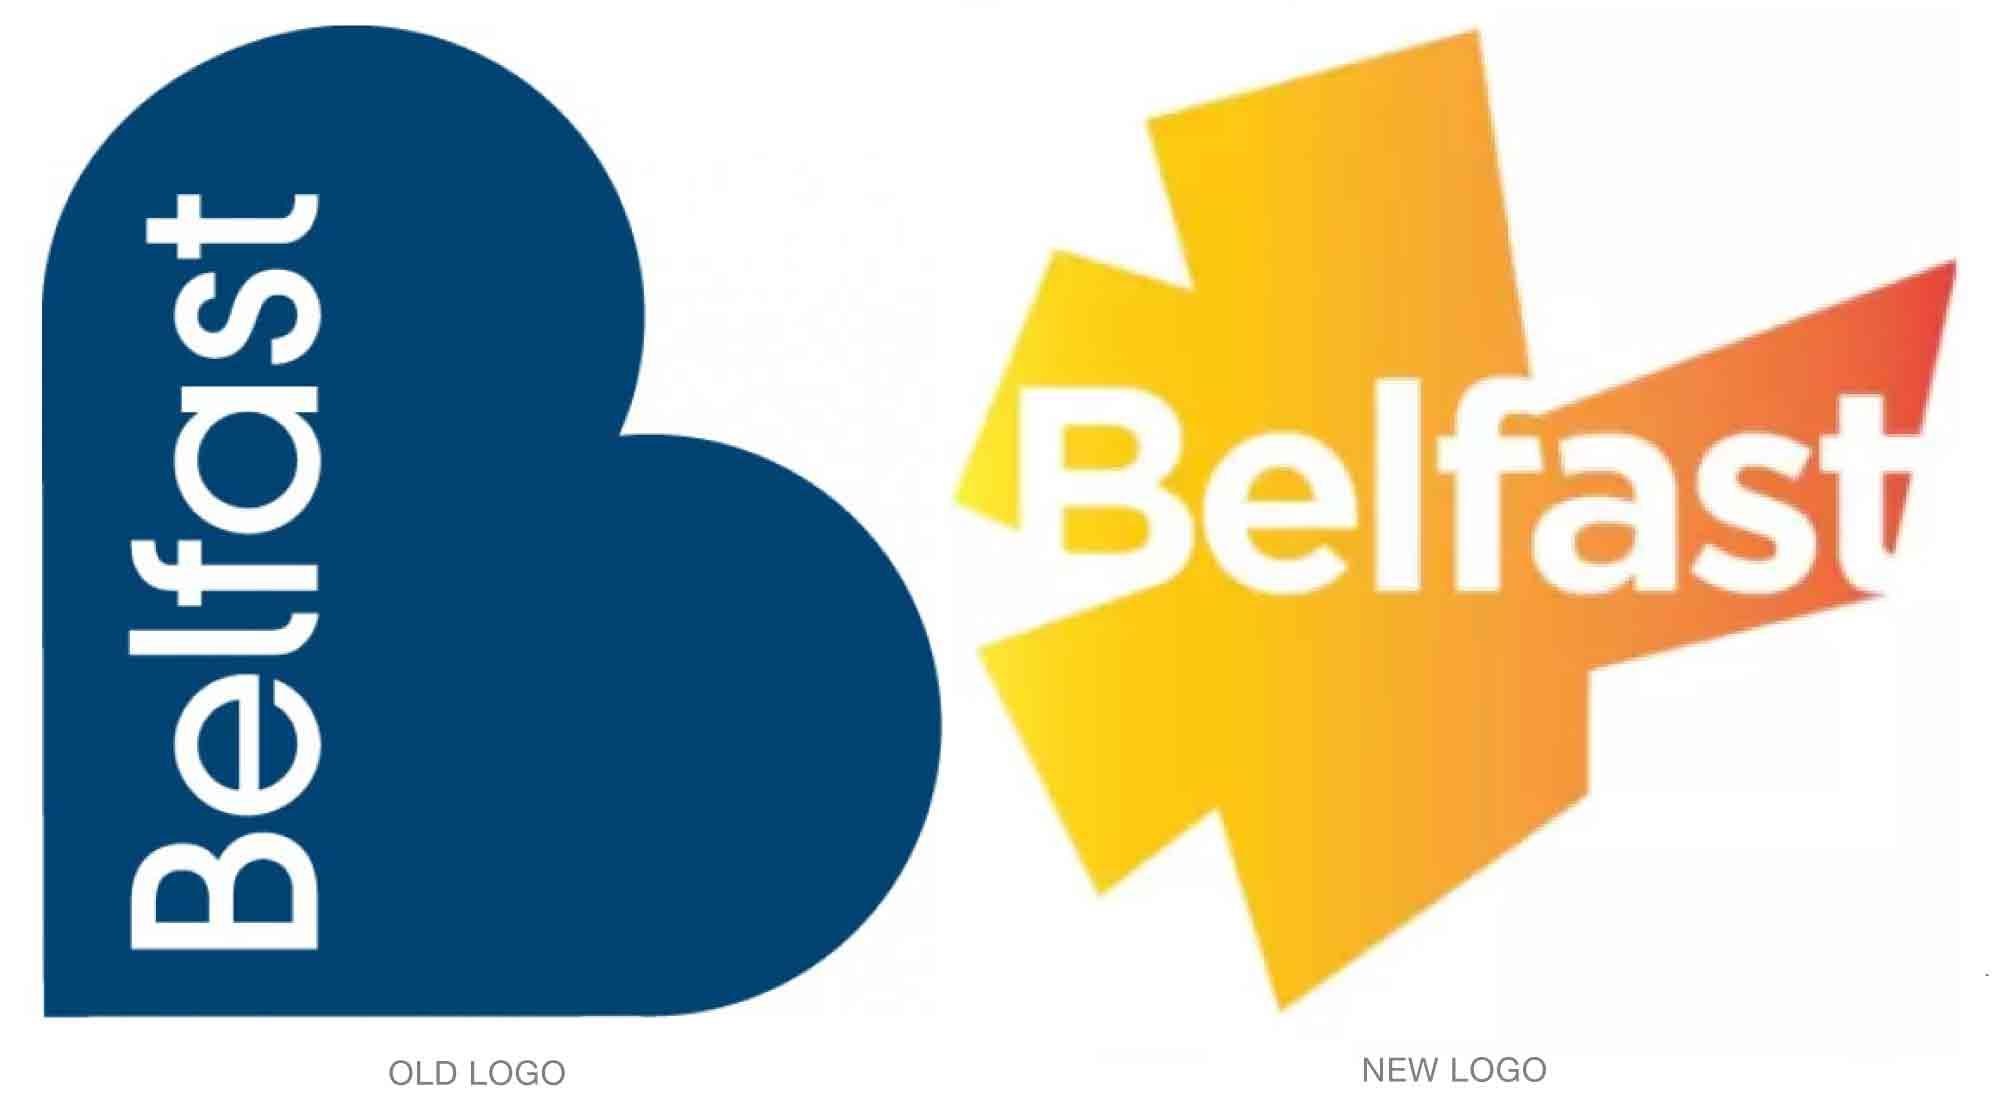 Old vs. New logo